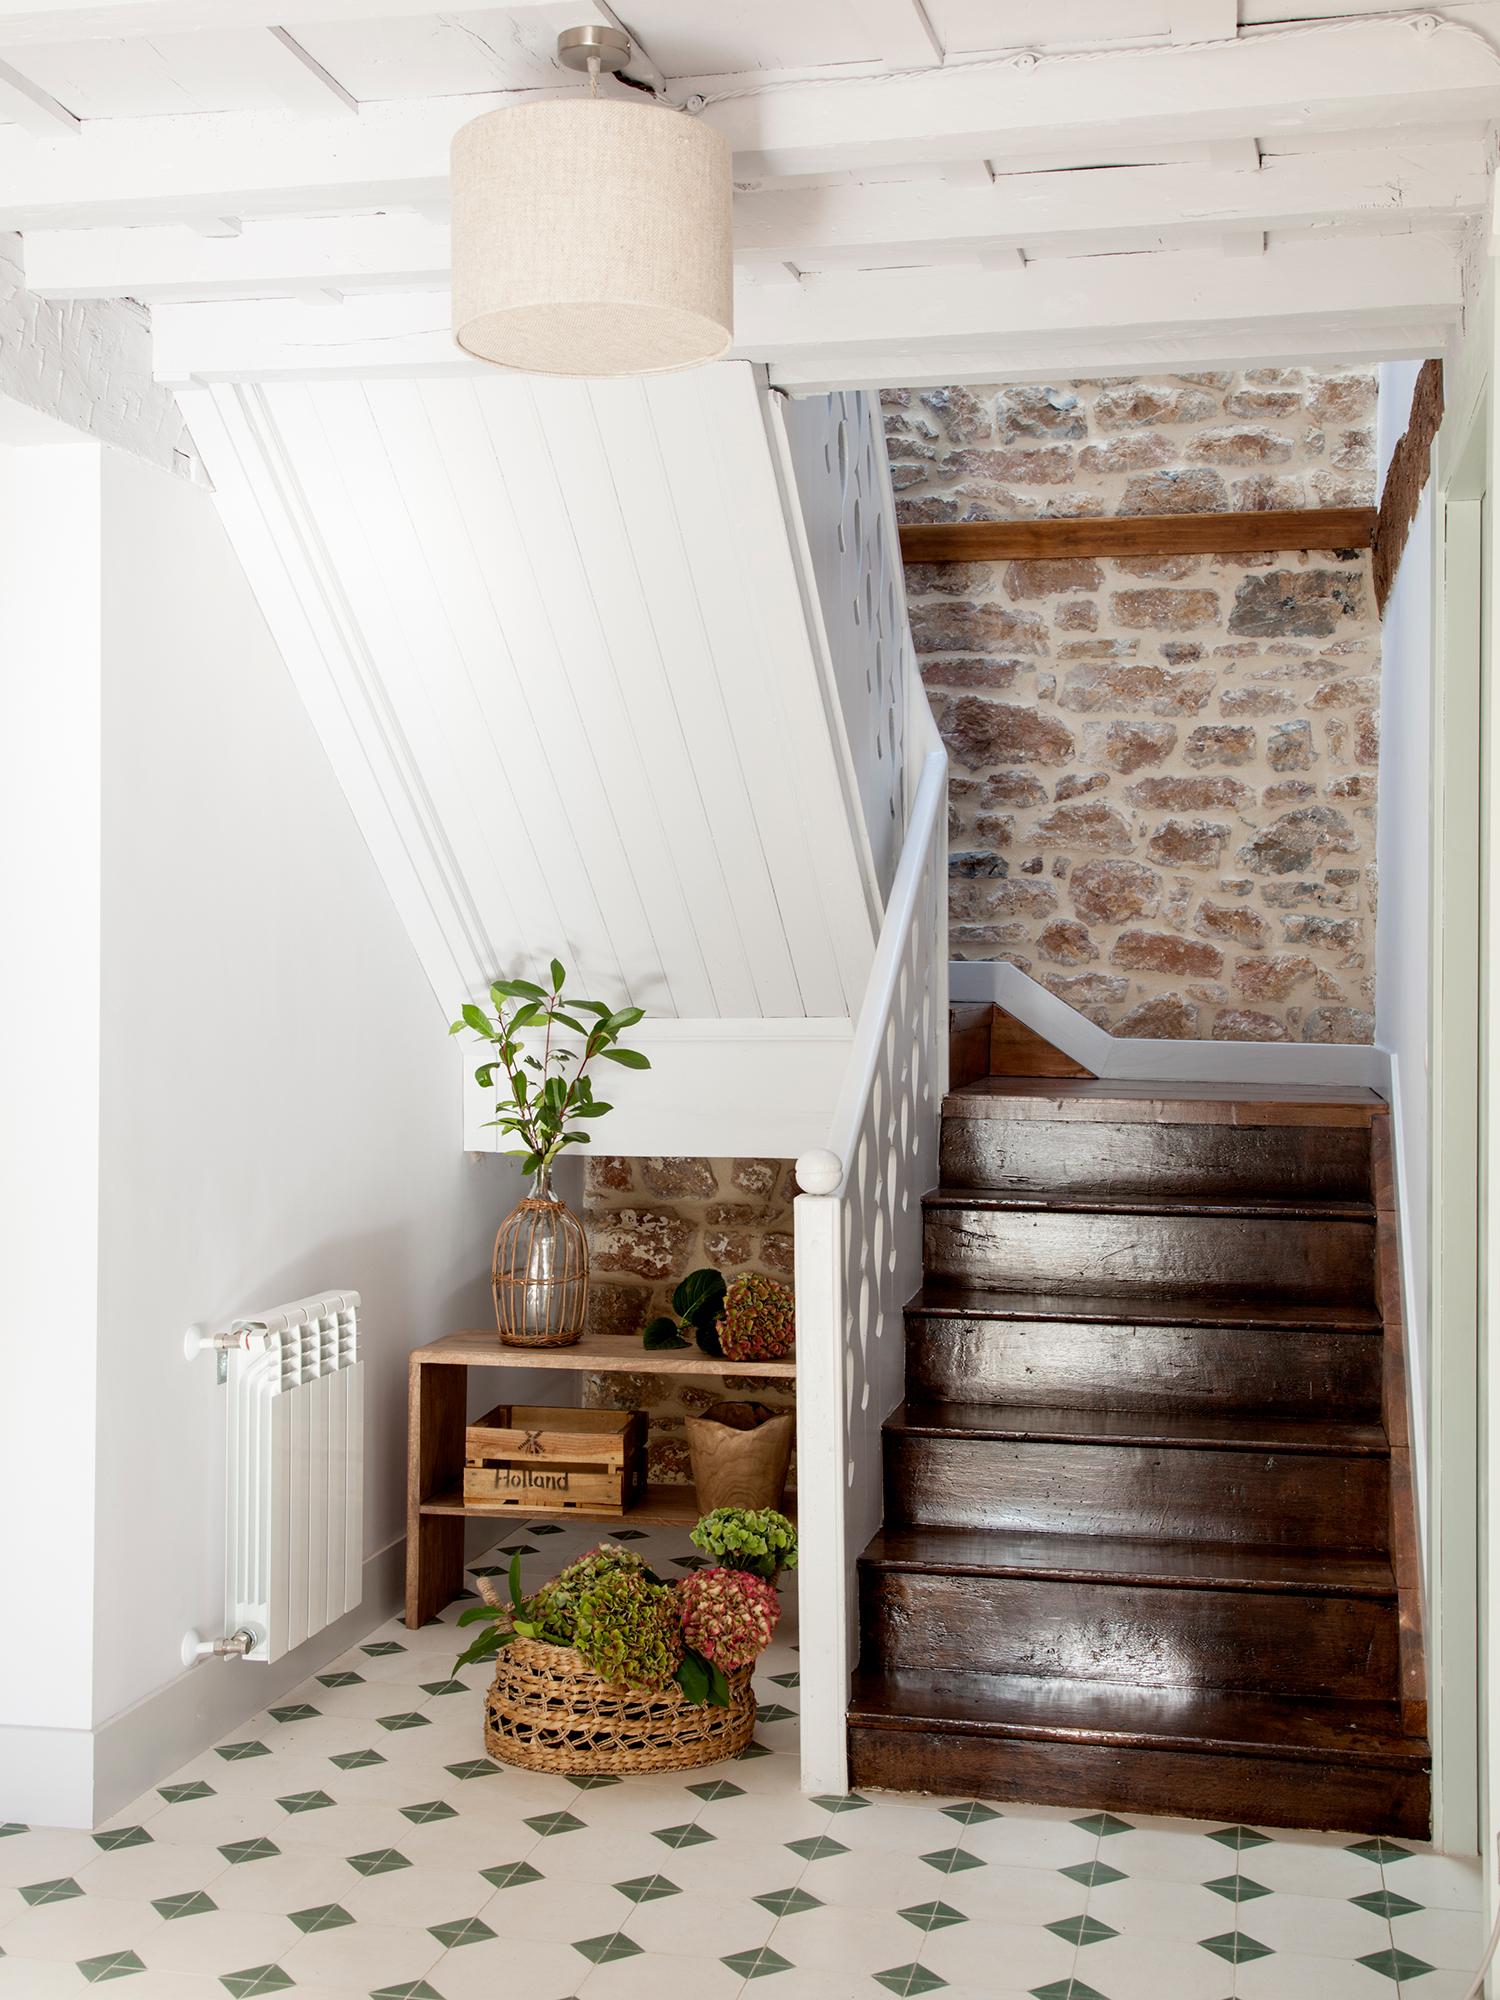 Escaleras c mo planificarlas con acierto - Escaleras de ladrillo ...